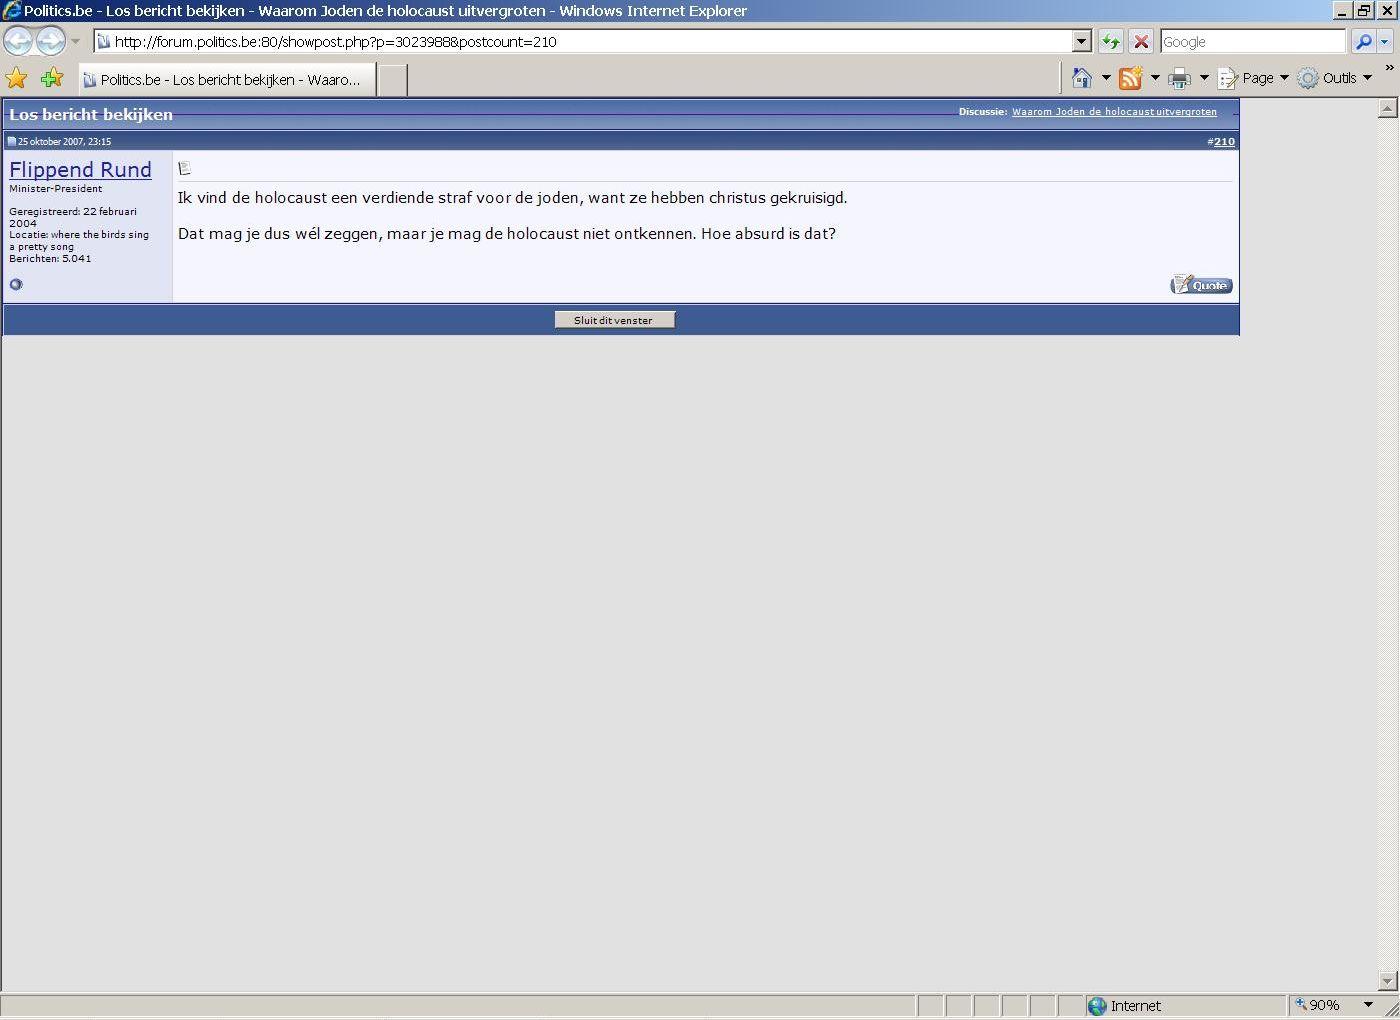 Propos antisémites sur le site forum.politics.be